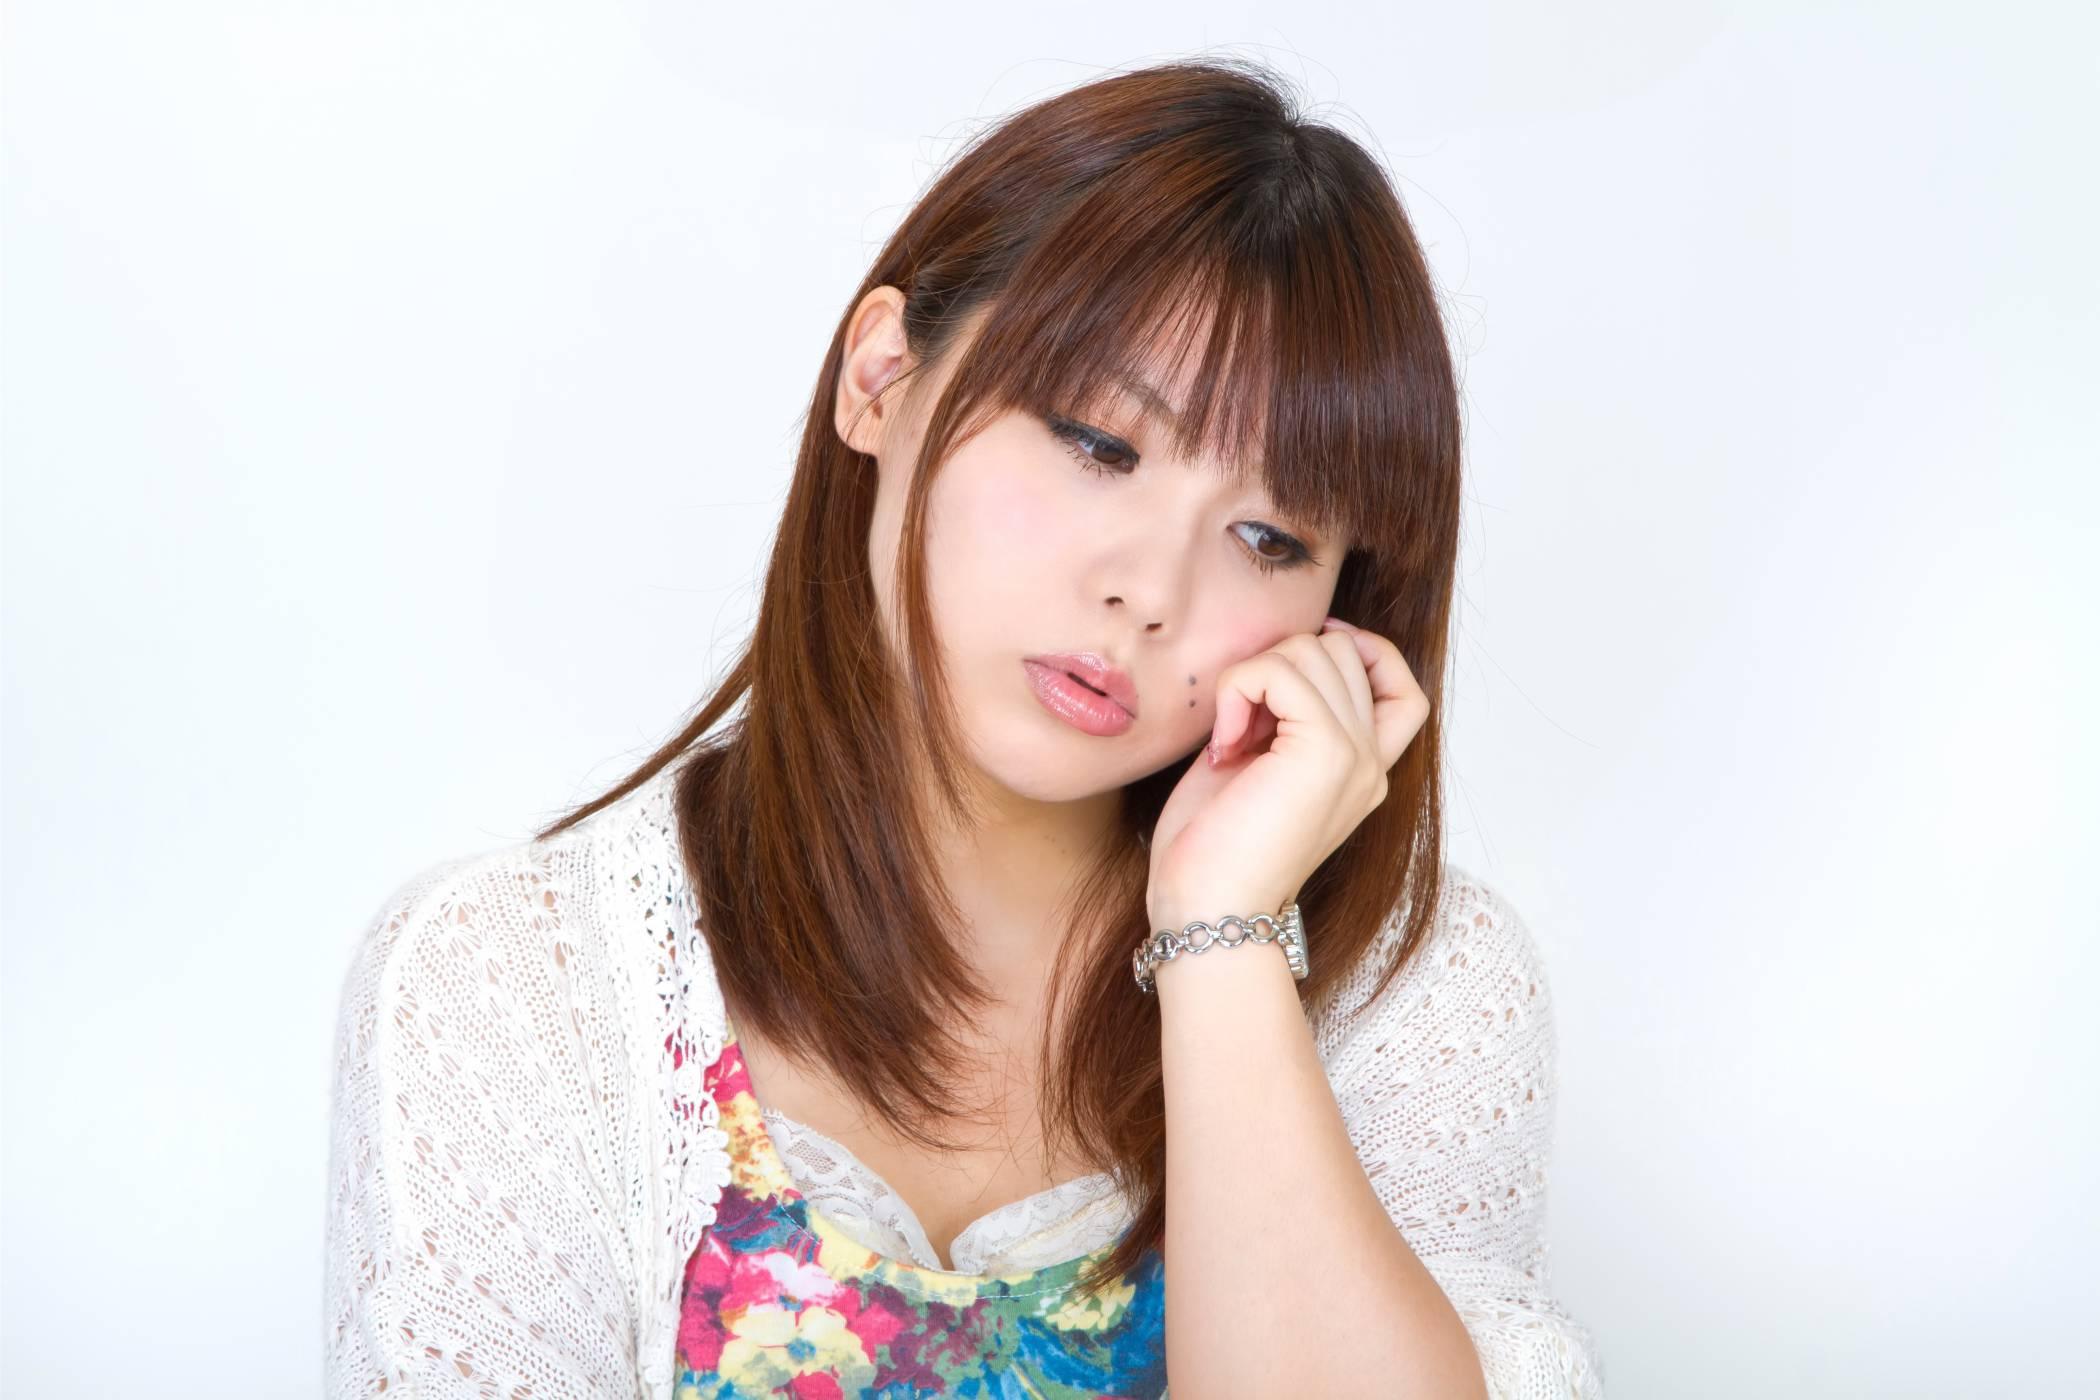 カタル性口内炎、原因は口内の傷!その不快な症状と治療法